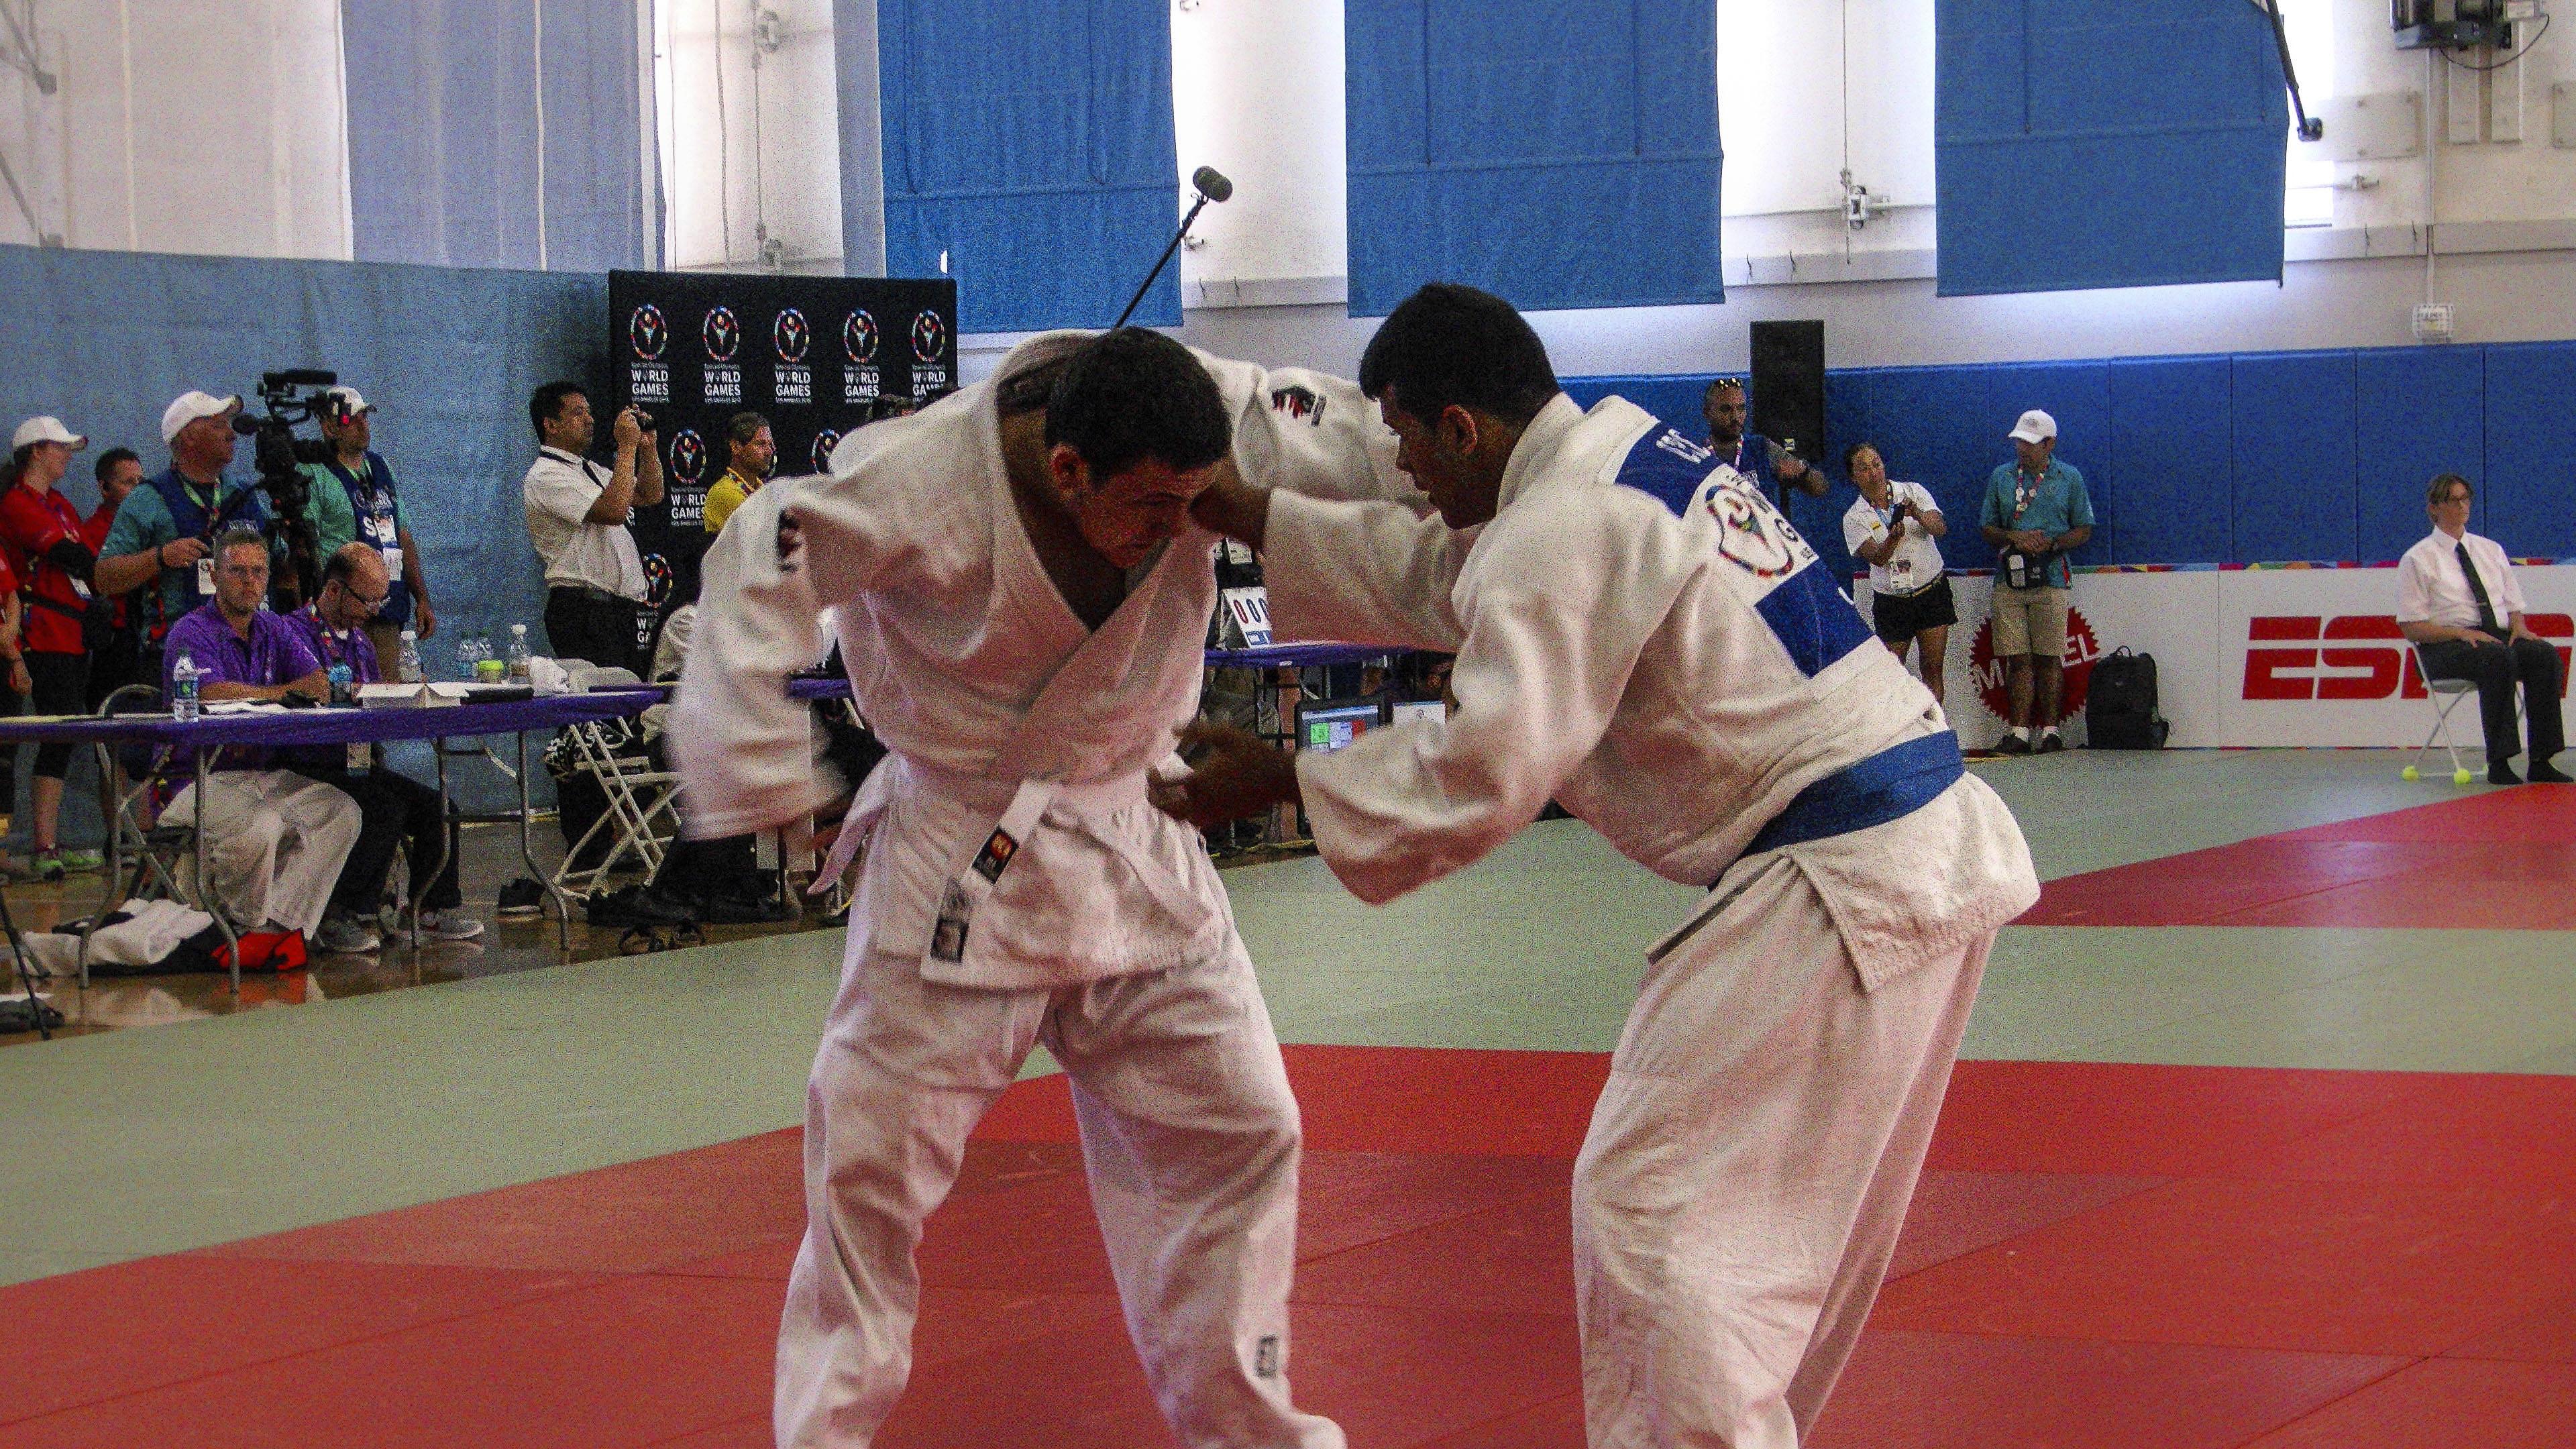 2015-07-28 JudoVierstellige Seriennummer___2015-07-28 JudoVierstellige Seriennummer___Foto_11-1__OK